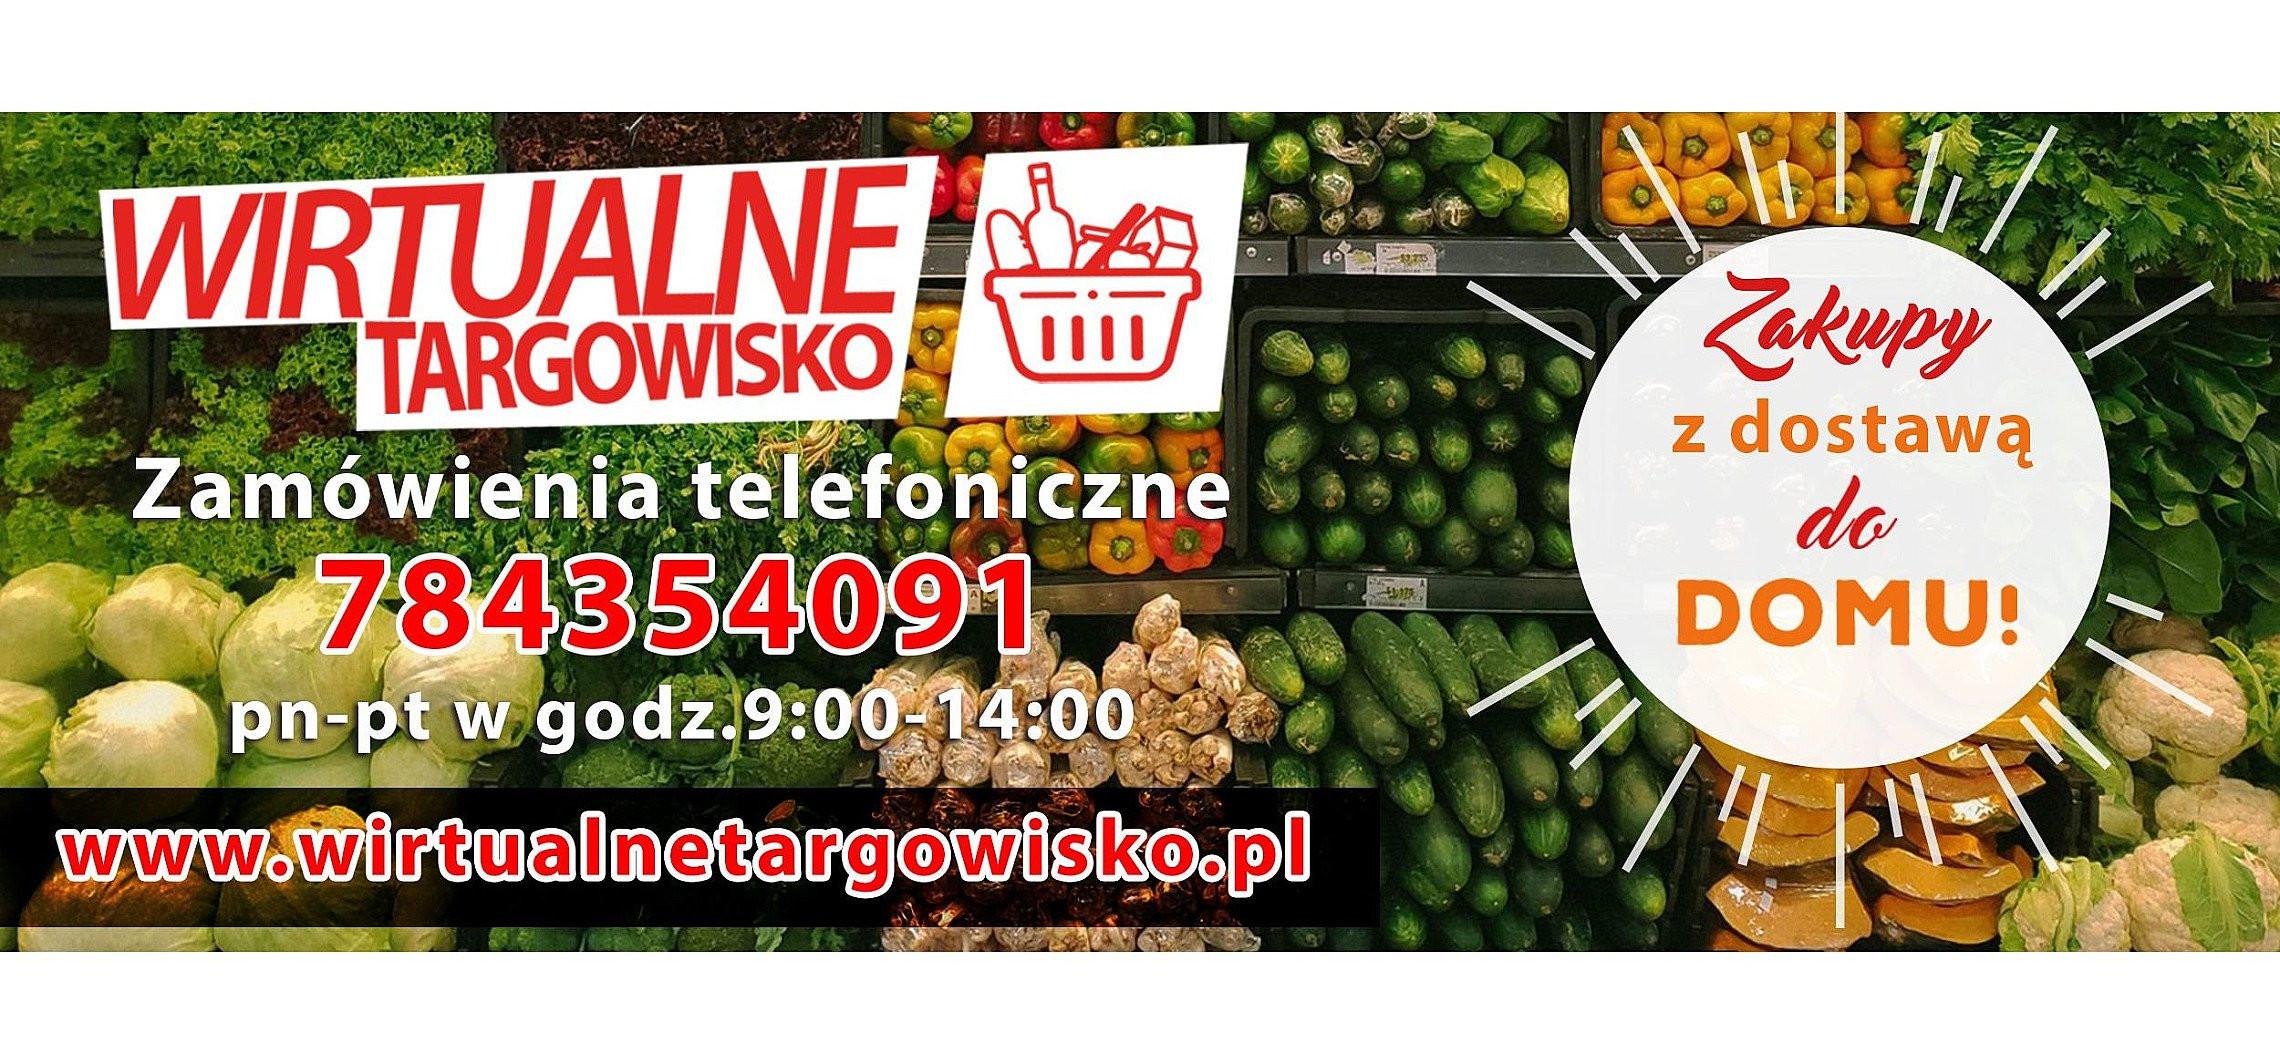 Inowrocław - Zmiany i nowości na Wirtualnym Targowisku